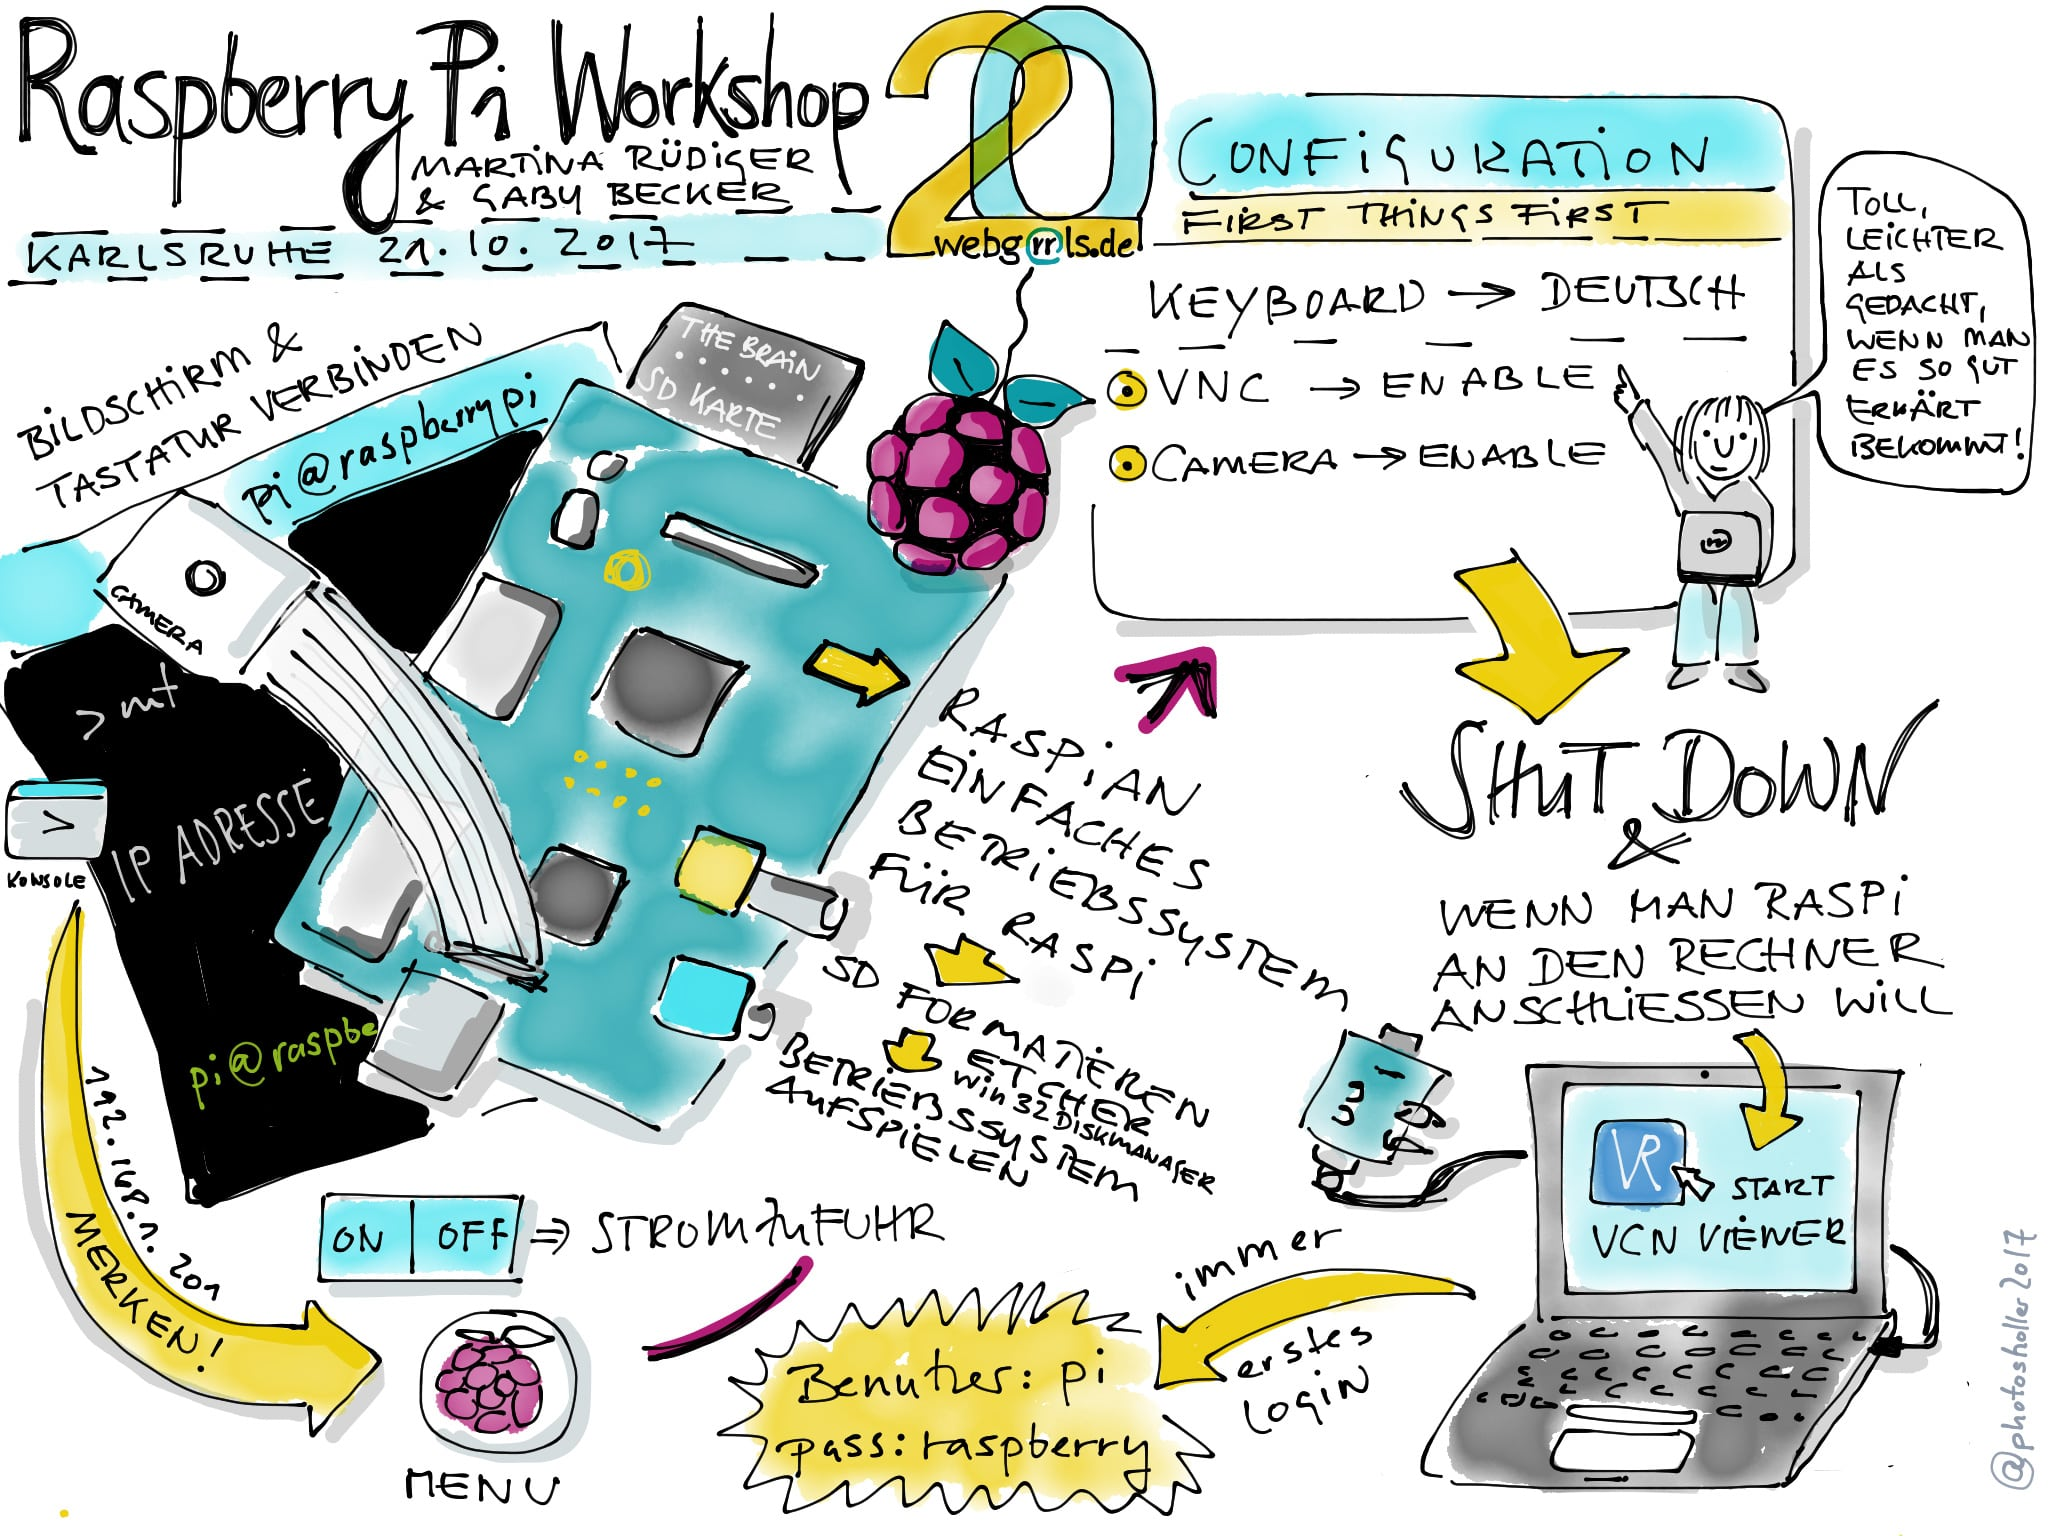 Wie bringt man einen Raspberry Pi in Gang? Sketchnote